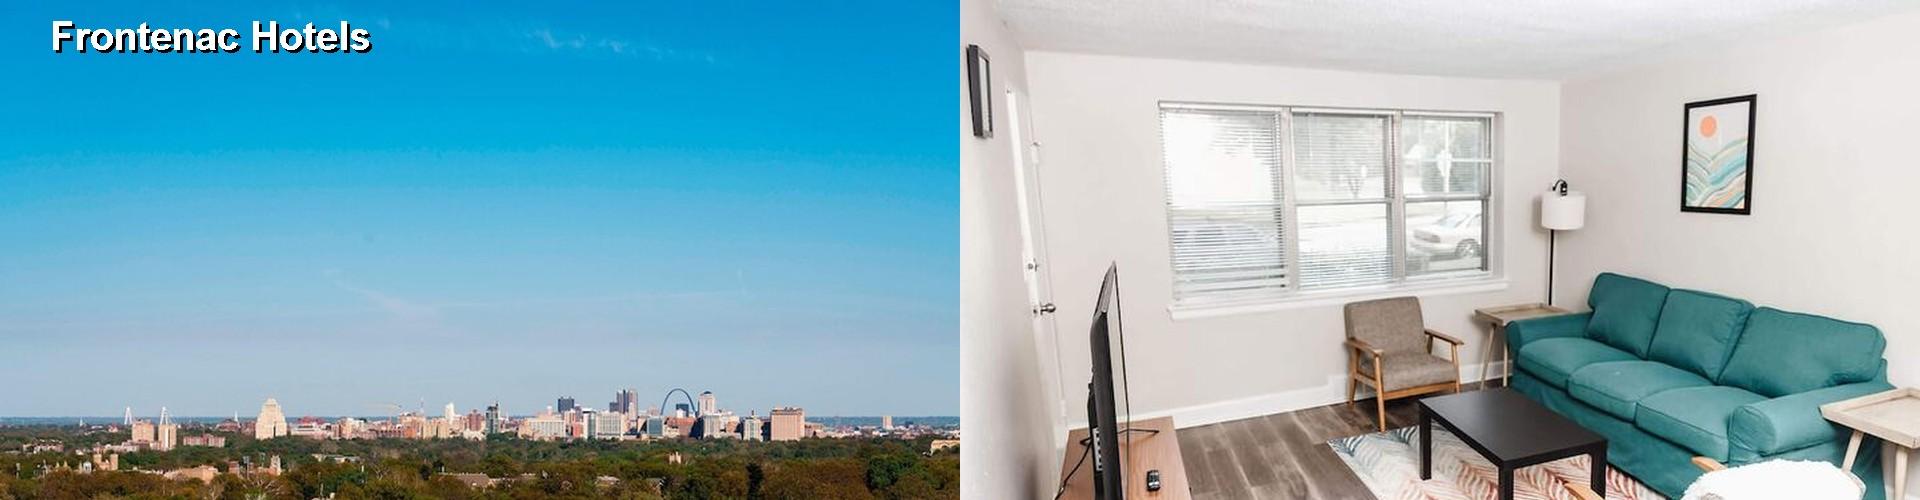 5 Best Hotels Near Frontenac